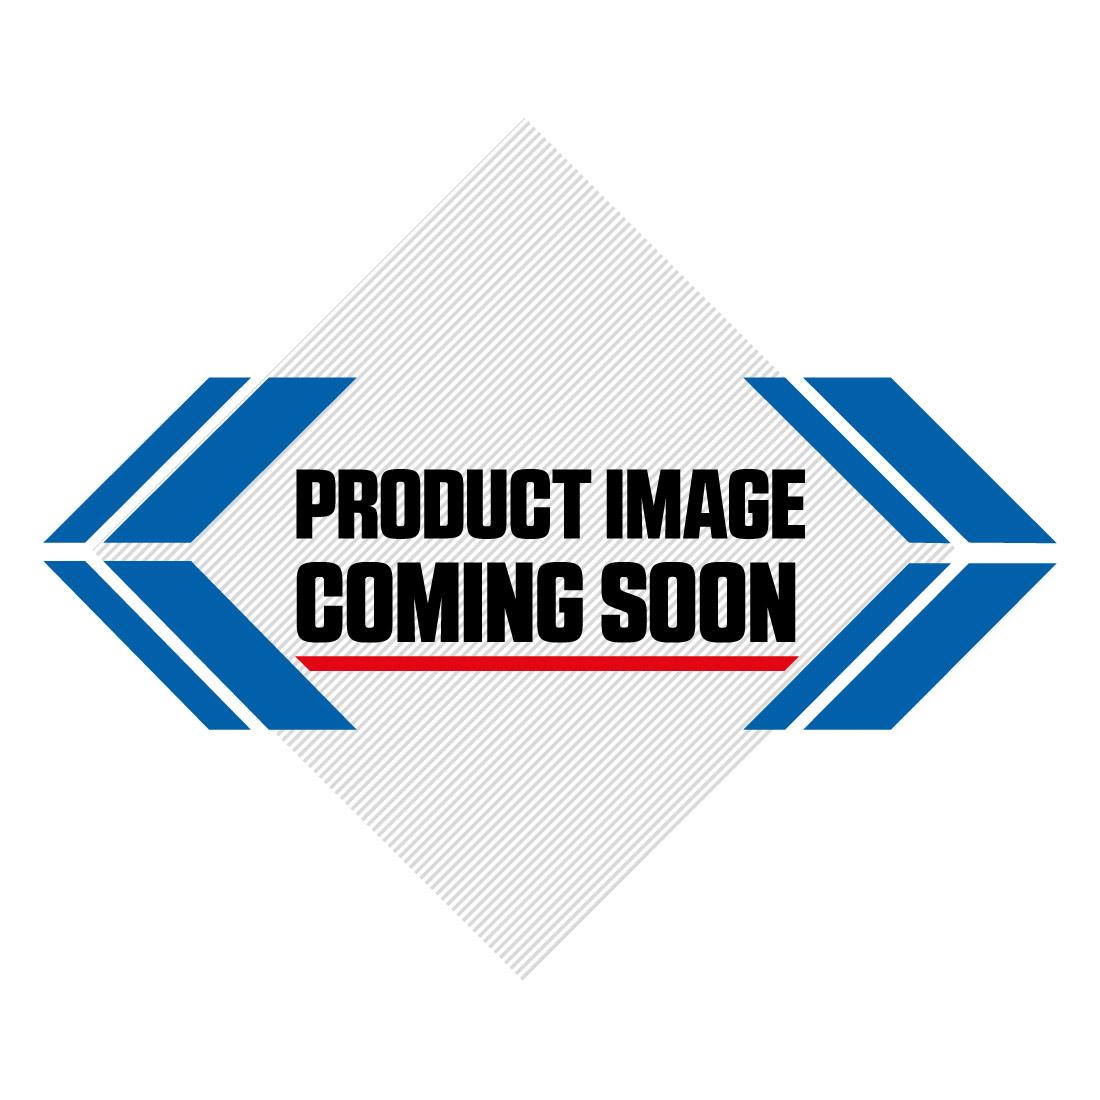 Kawasaki Plastic Kit KX 85 (01-09) (11-12) Black Image-2>